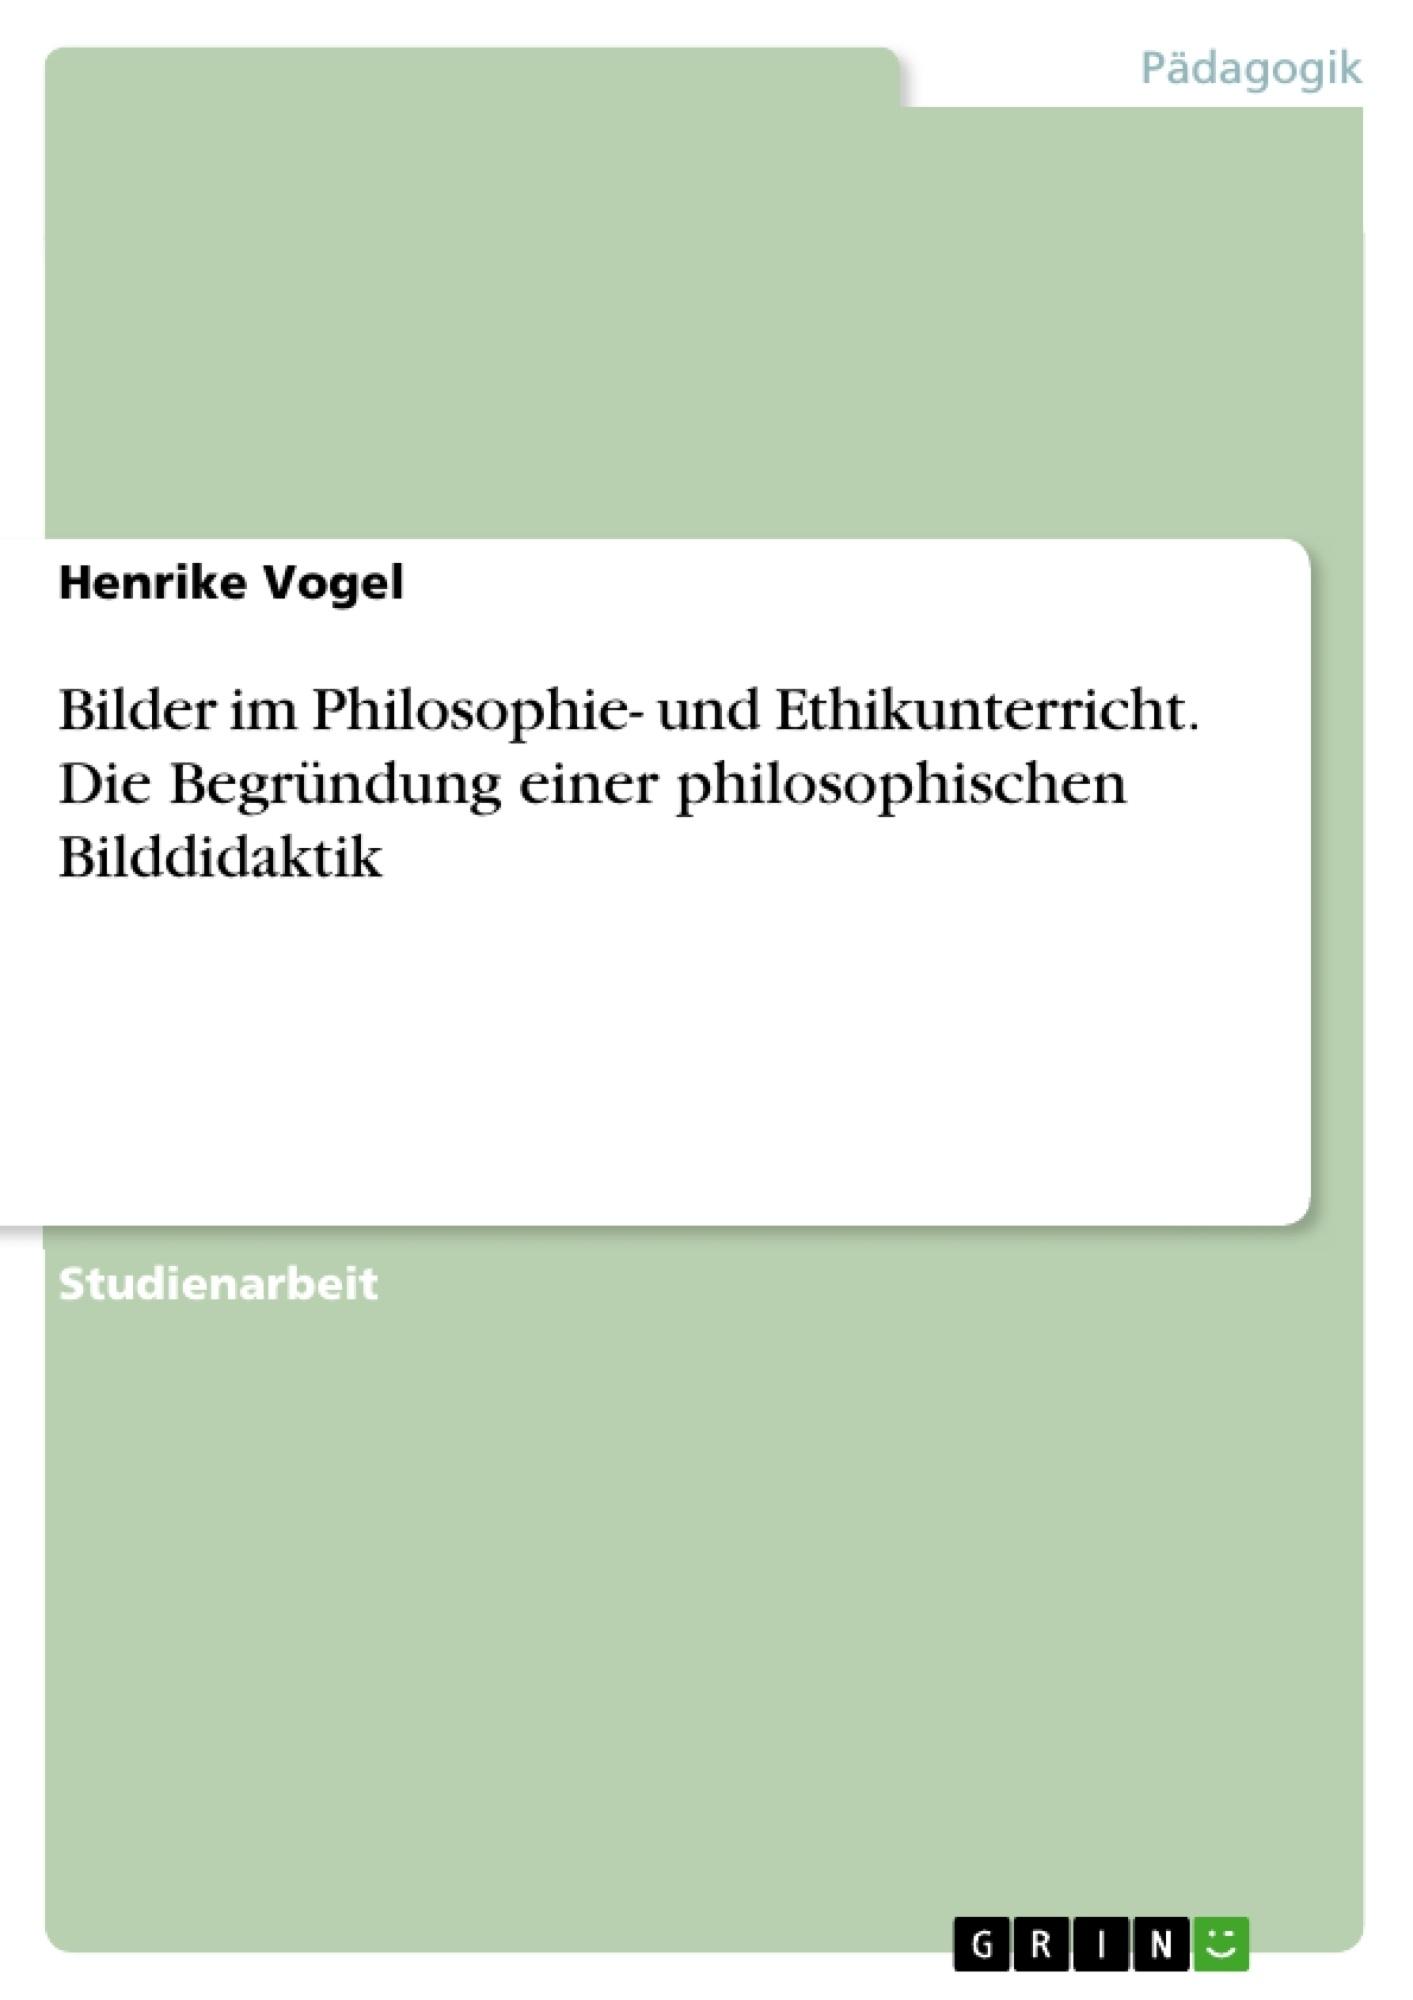 Titel: Bilder im Philosophie- und Ethikunterricht. Die Begründung einer philosophischen Bilddidaktik